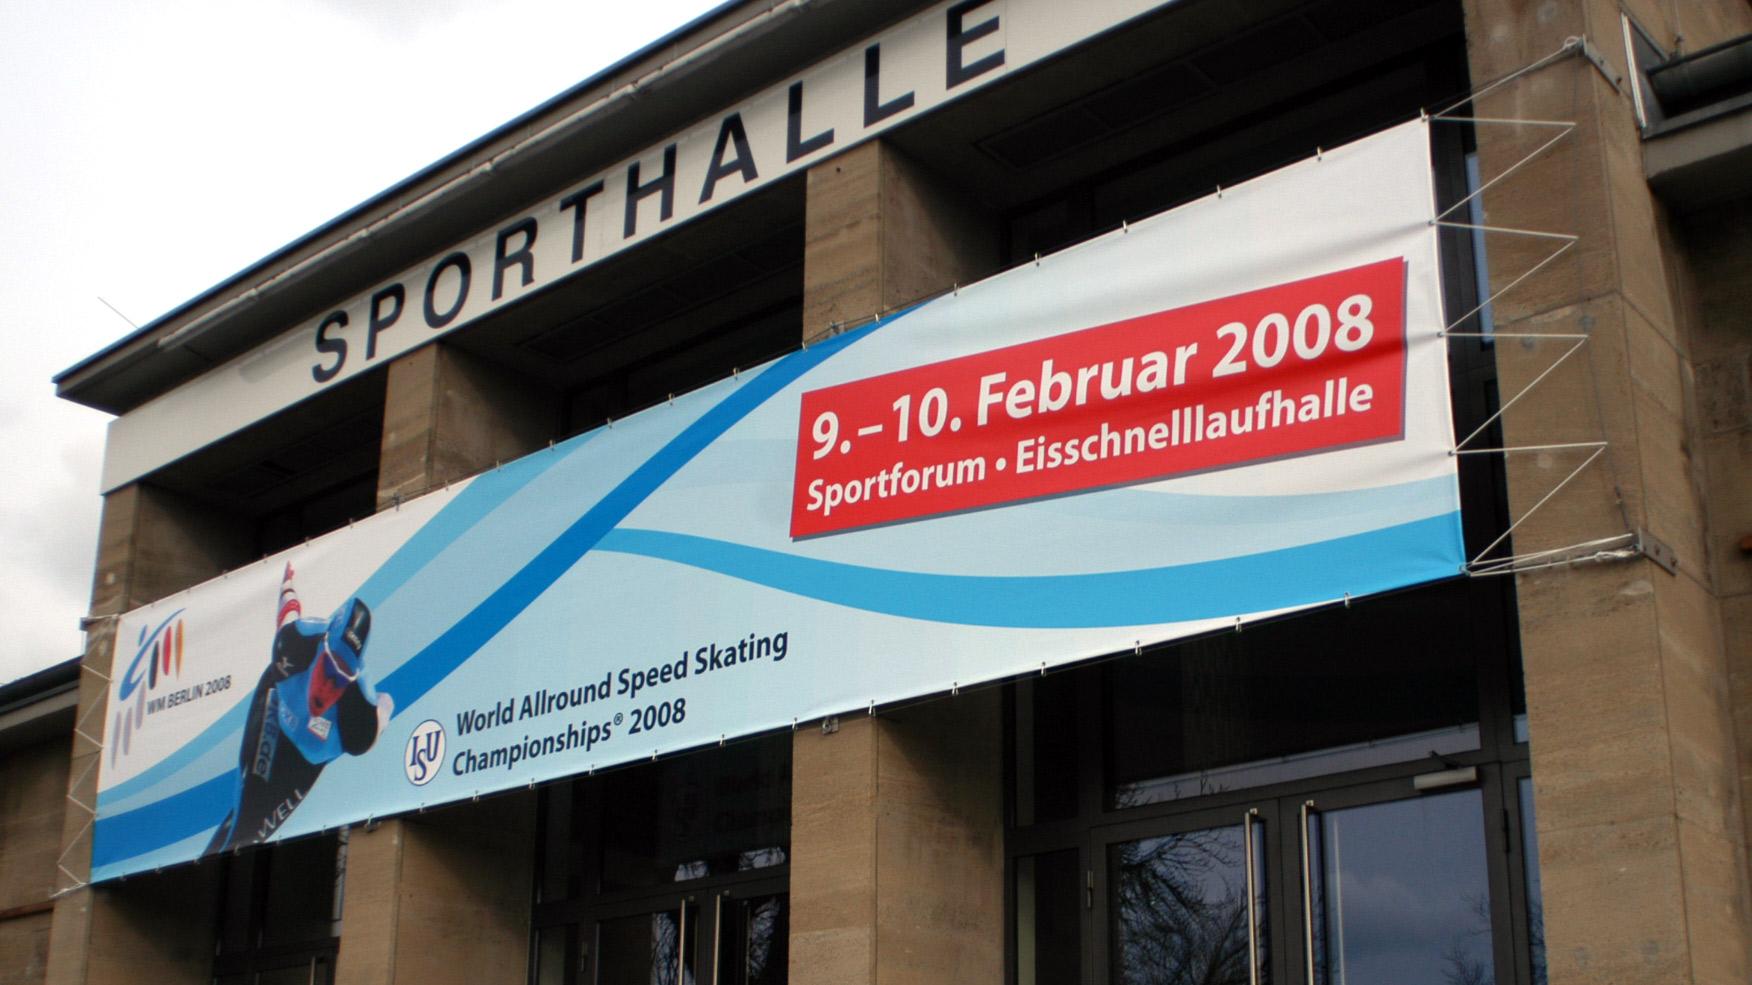 Sport-Berlin-Matti-Michalke-Berlin-Brandenburg-Aussenwerbung-Innenwerbung-Banner-Planen-Folien-Werbemittel-Druck-Print